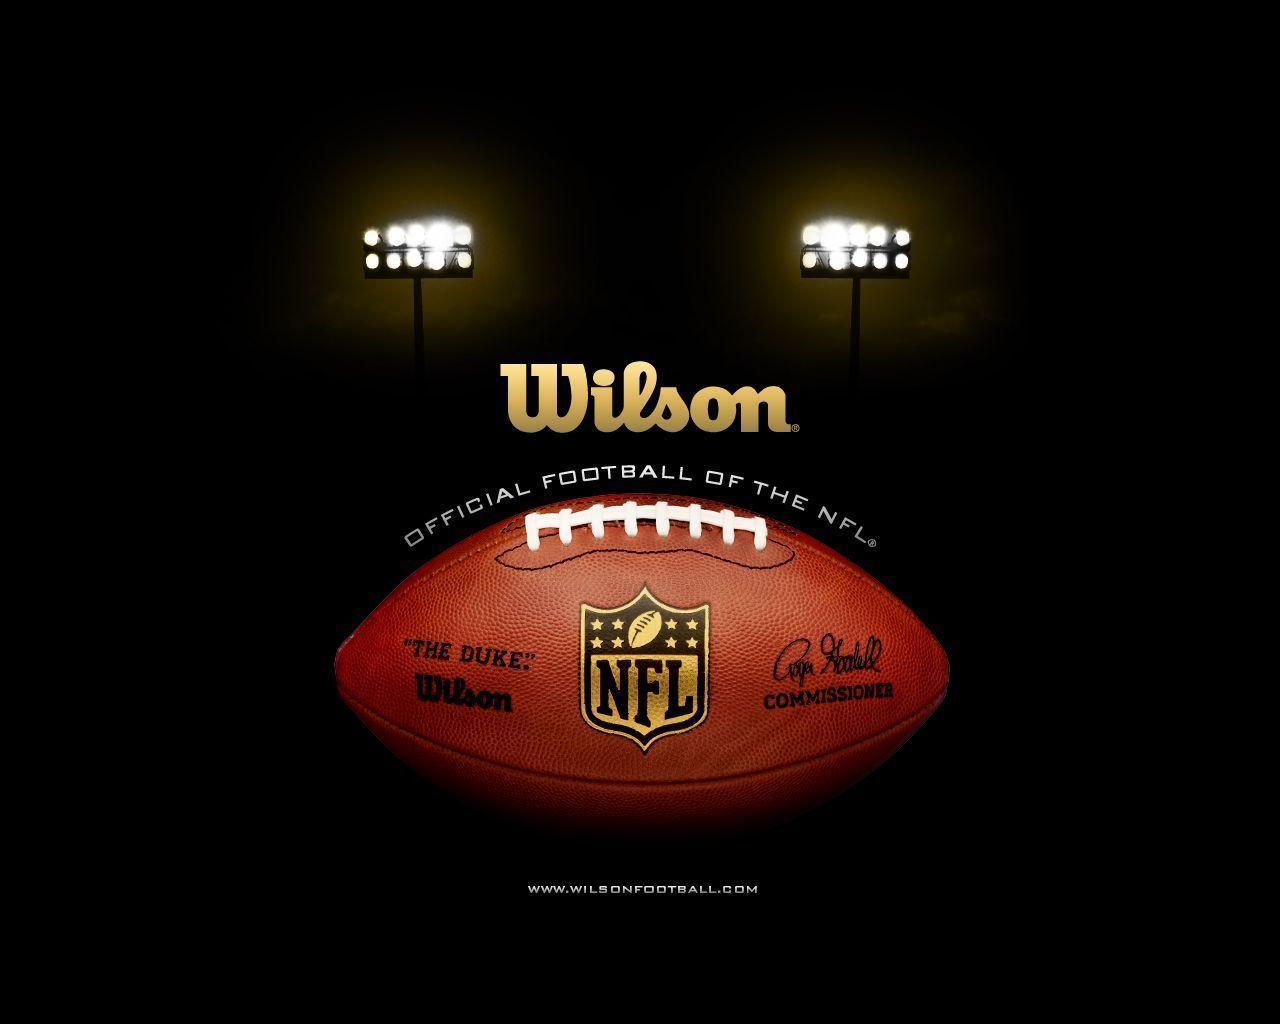 Nfl Football Wallpaper Desktop 26353 HD Pictures | Best Desktop ...